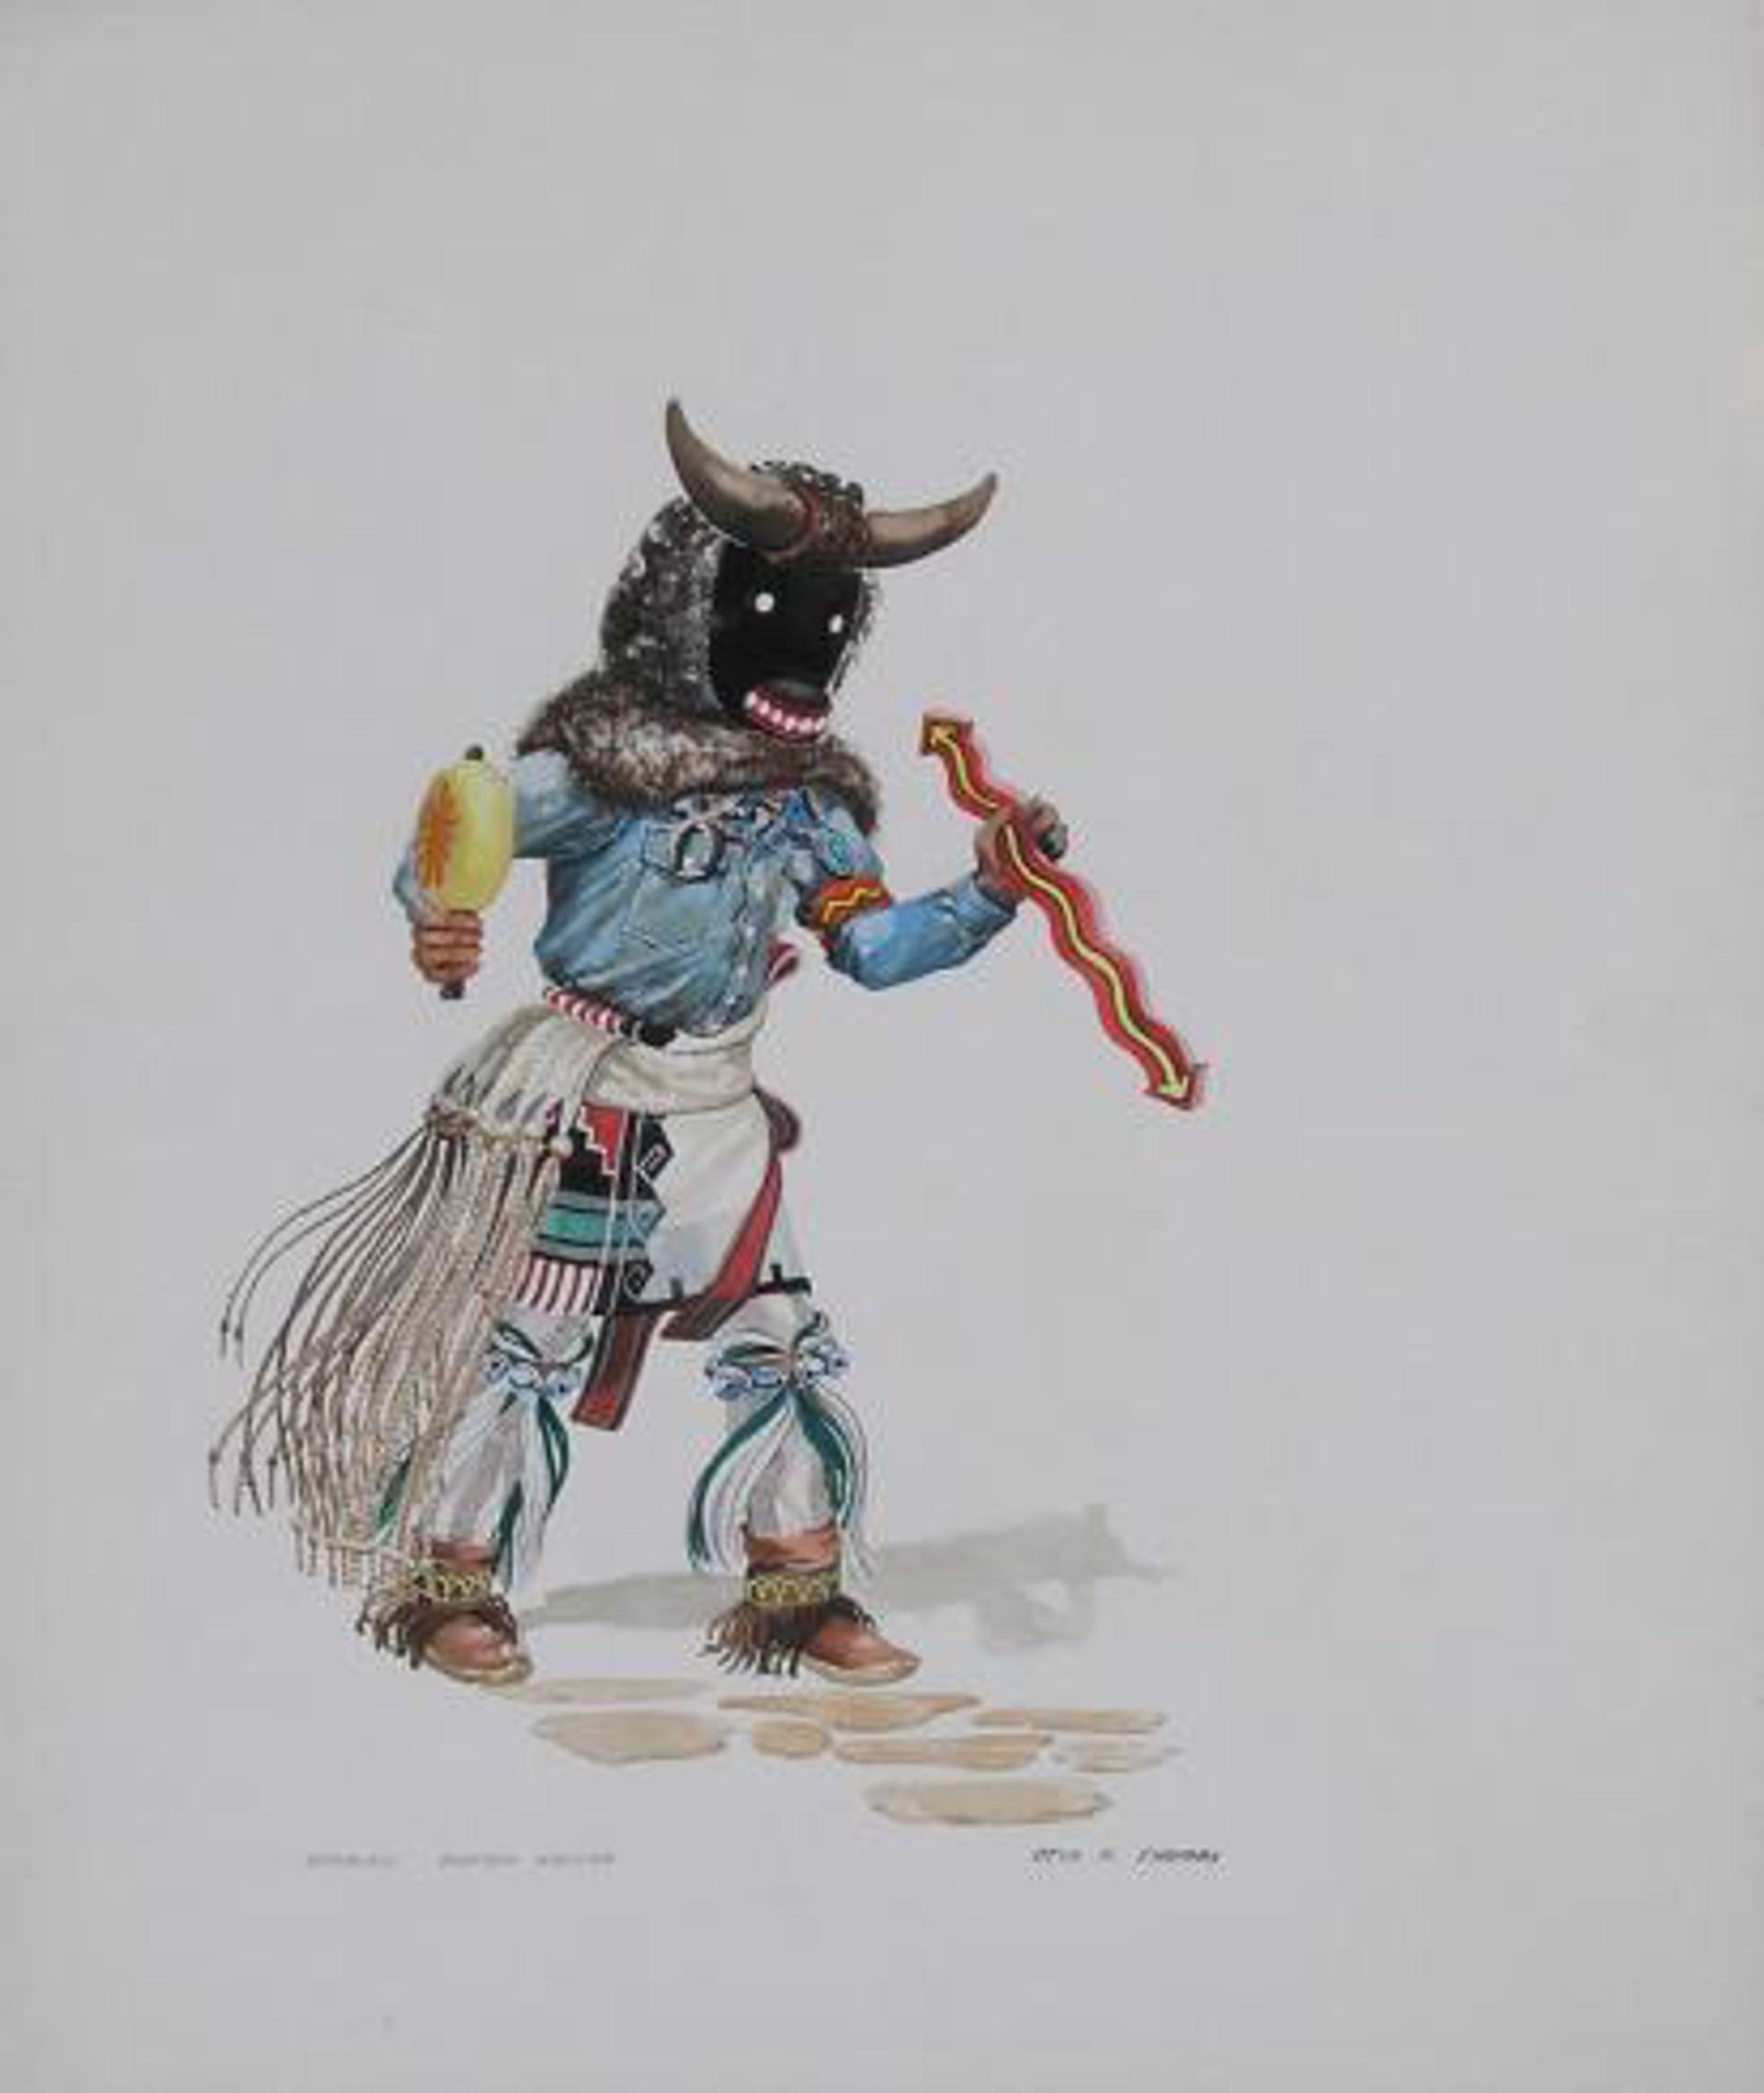 Mosairu-Buffalo Kachina by Otis Thomas